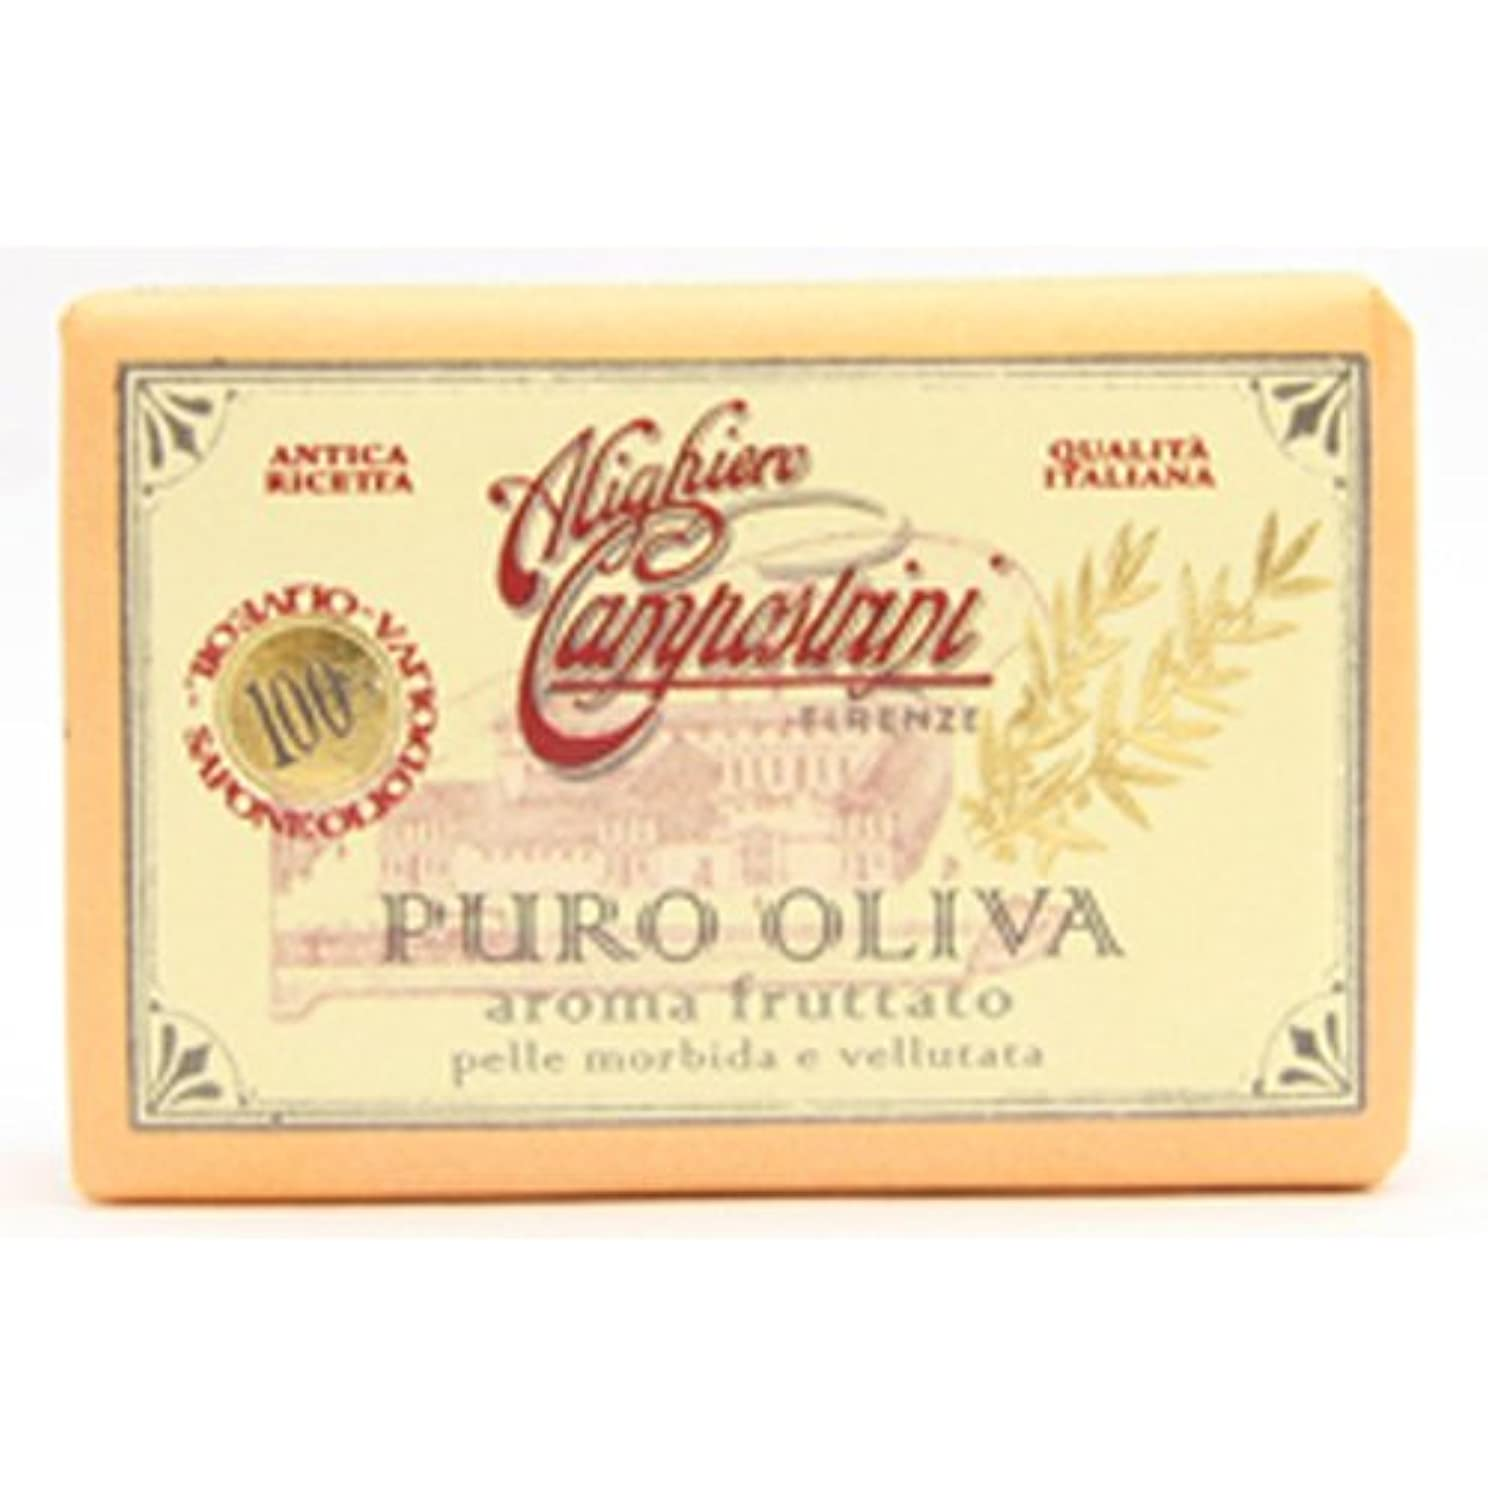 インフルエンザジョセフバンクス悪質なSaponerire Fissi サポネリーフィッシー PURO OLIVA Soap オリーブオイル ピュロ ソープ Aroma fruttato フルーツ(オレンジ)